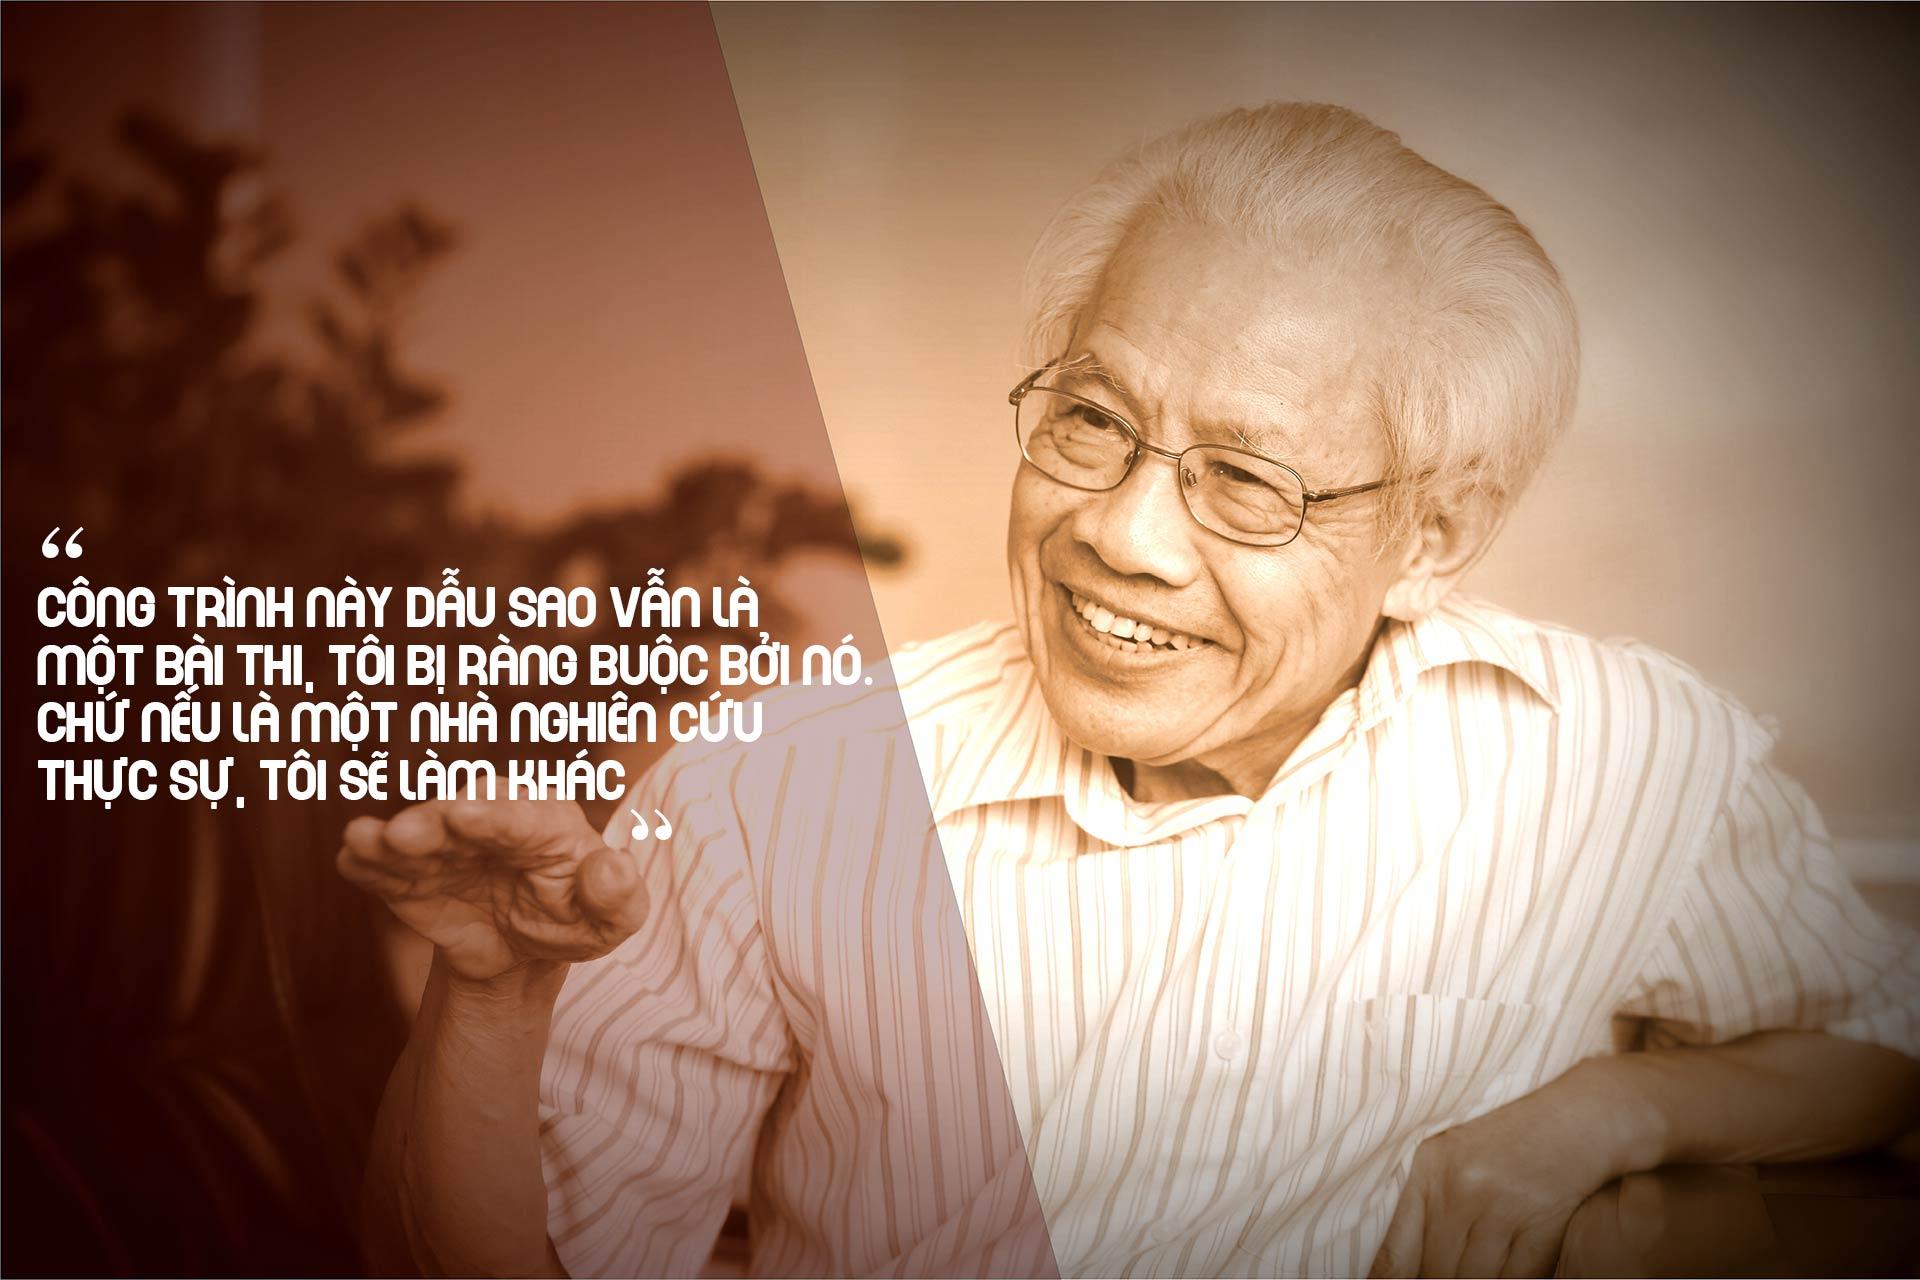 GS Hồ Ngọc Đại: Muốn tạo ra một thế hệ biết mình là ai và muốn gì - 6